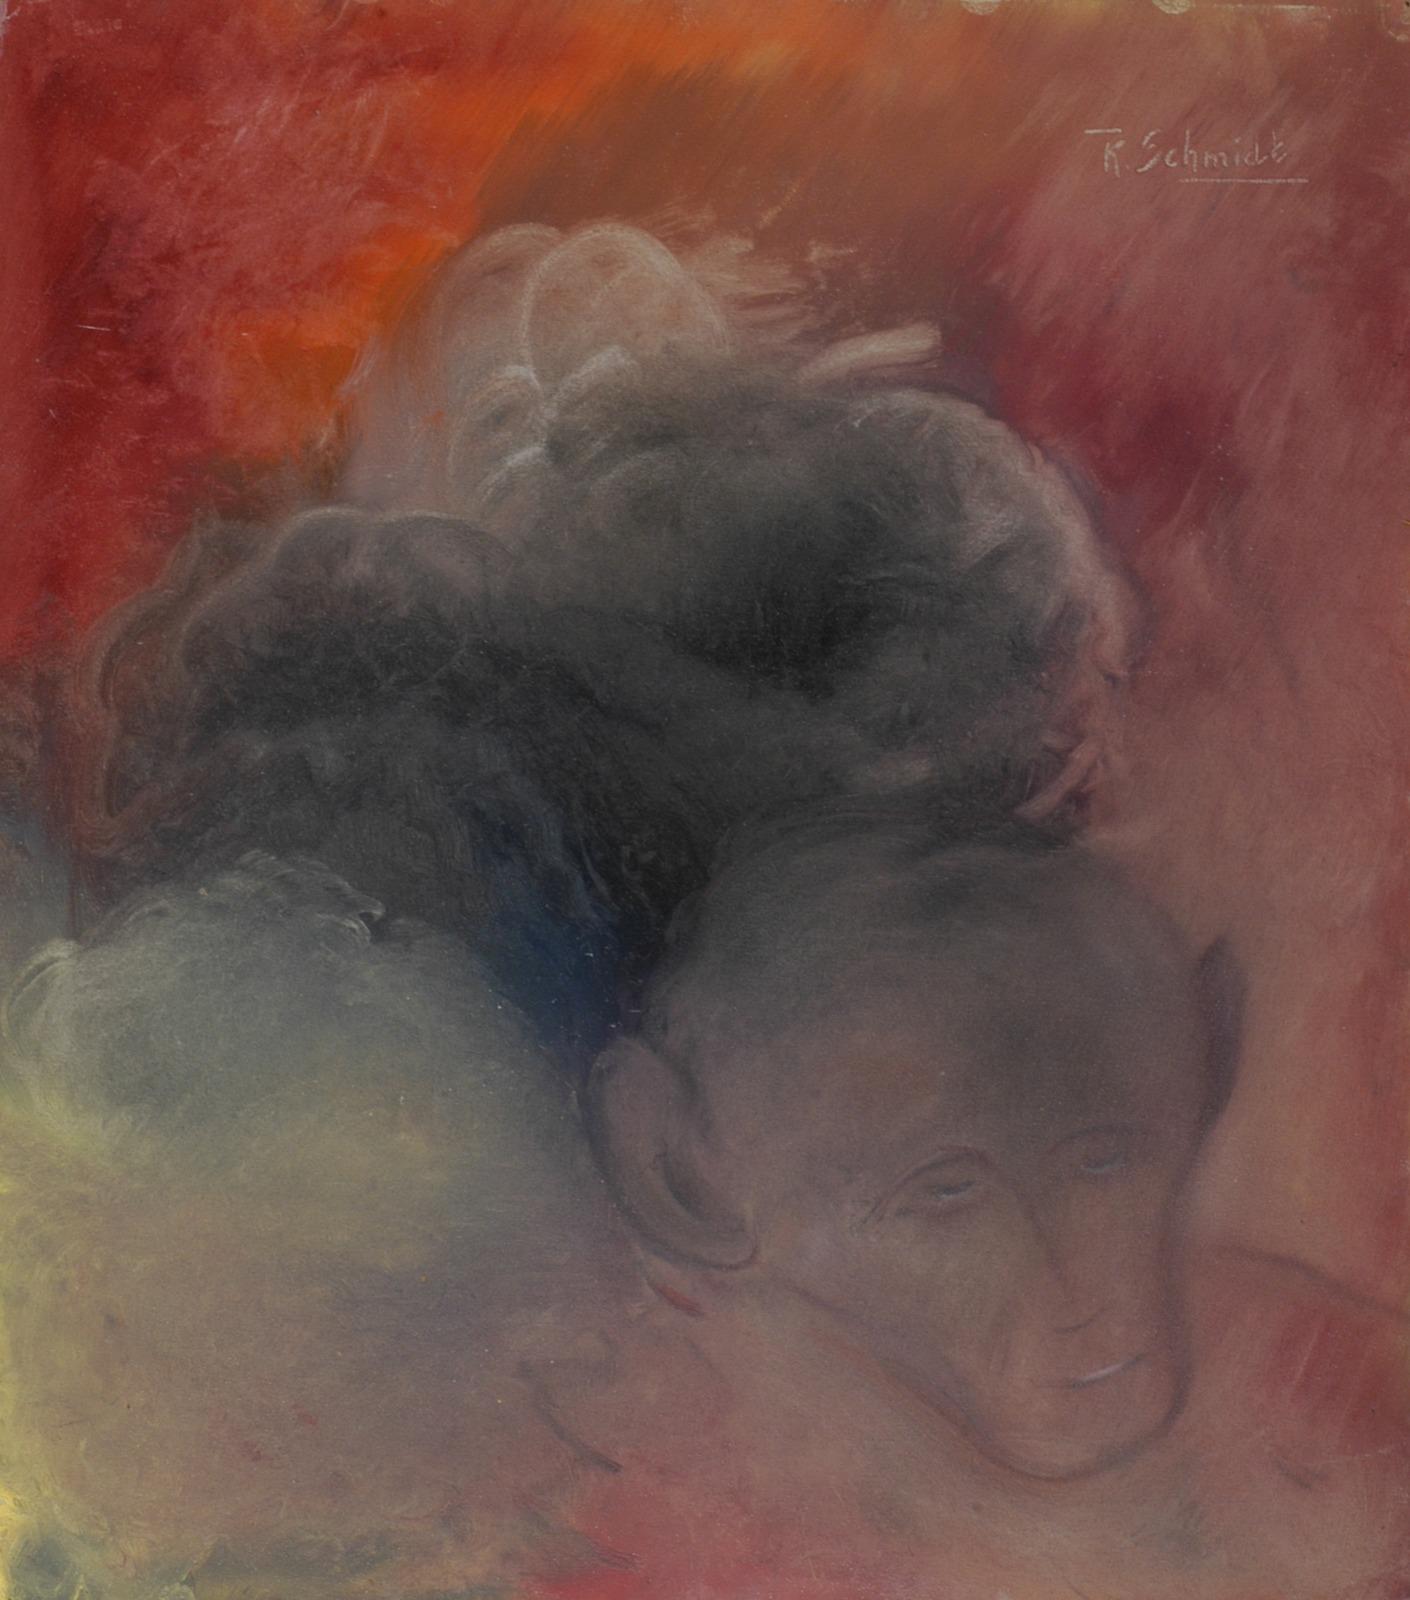 apachtig portret Vervaardiger   Schmidt, K.A. (13-10-1880 - 17-10-1920)  Beschrijving   Portret man met kaal hoofd en ingevallen gezicht, tegen fond in rode en groene tonen.  Identificatie   AB18185  Soort object   waterverfschildering  Dataprovider   Rijksdienst voor het Cultureel Erfgoed  Rechten   http://www.europeana.eu/rights/rr-f/